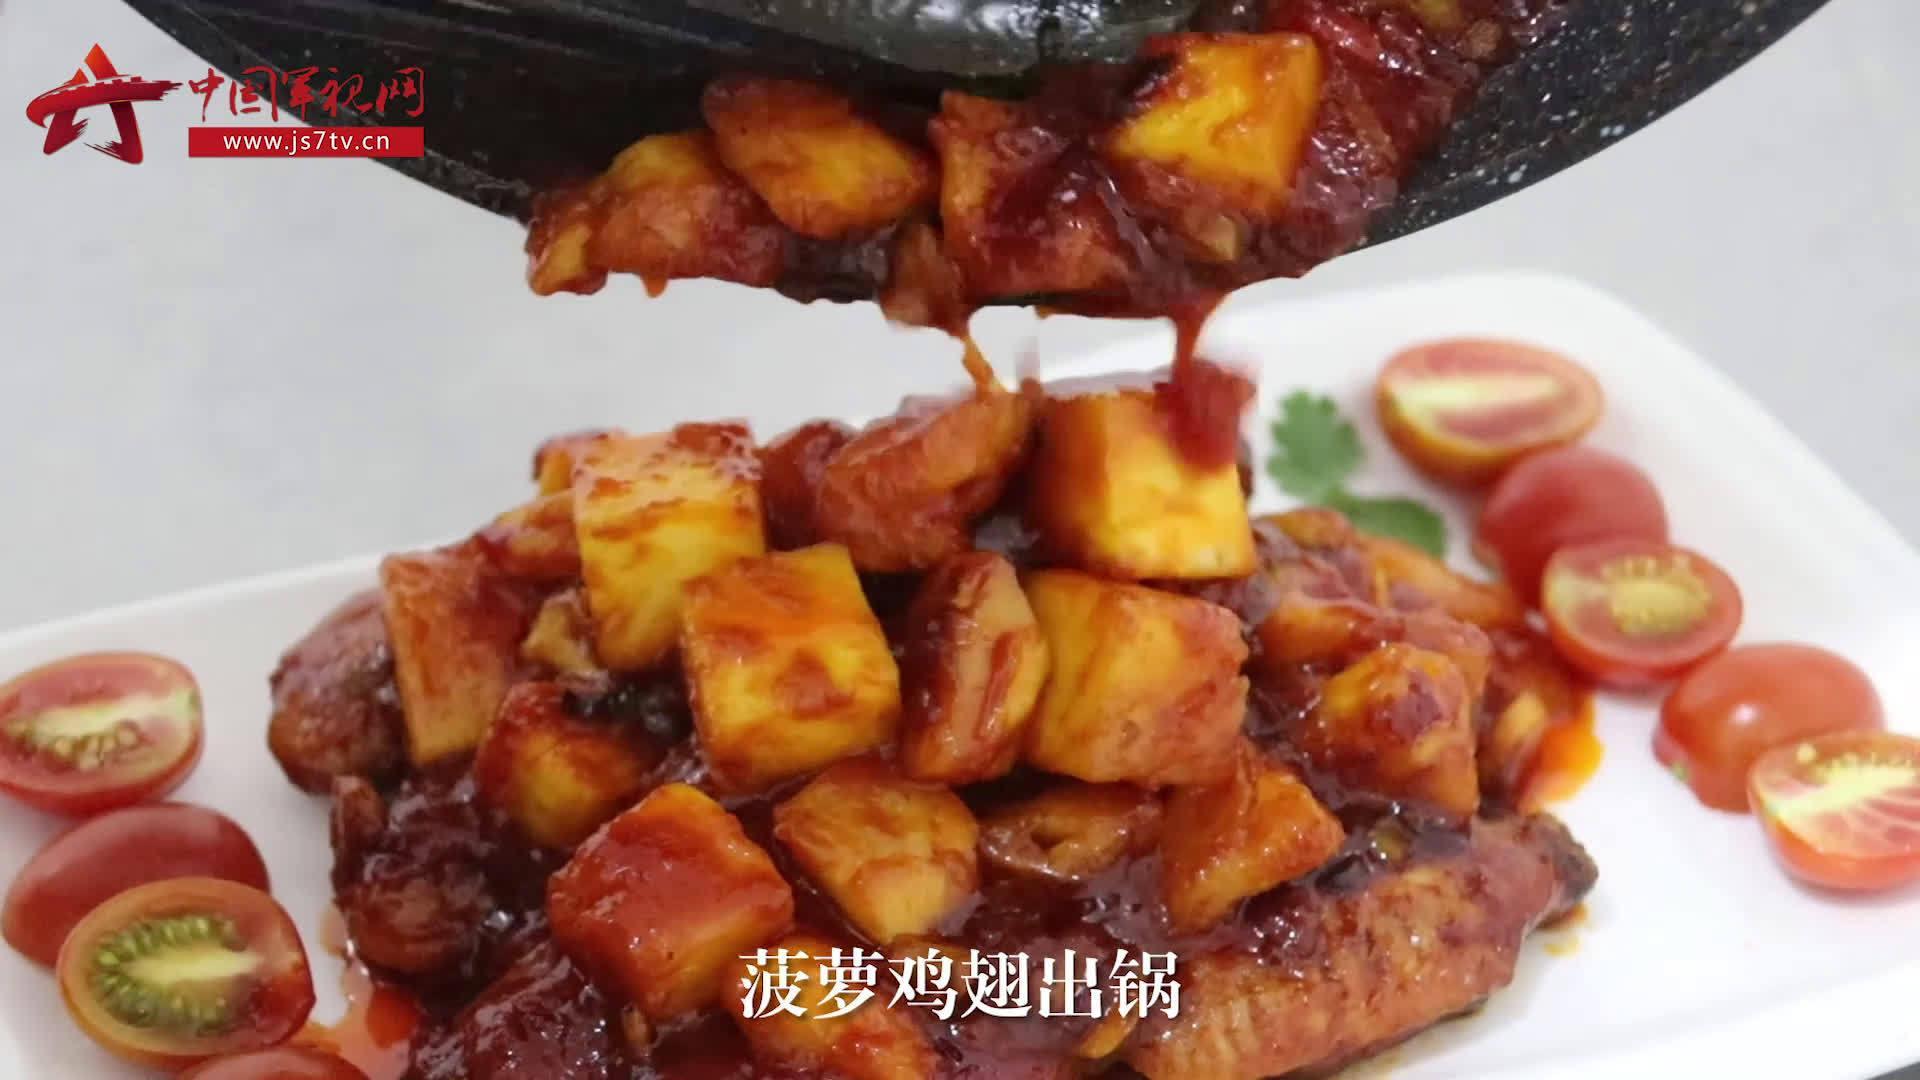 菠萝配鸡翅 夏天必吃的开胃菜